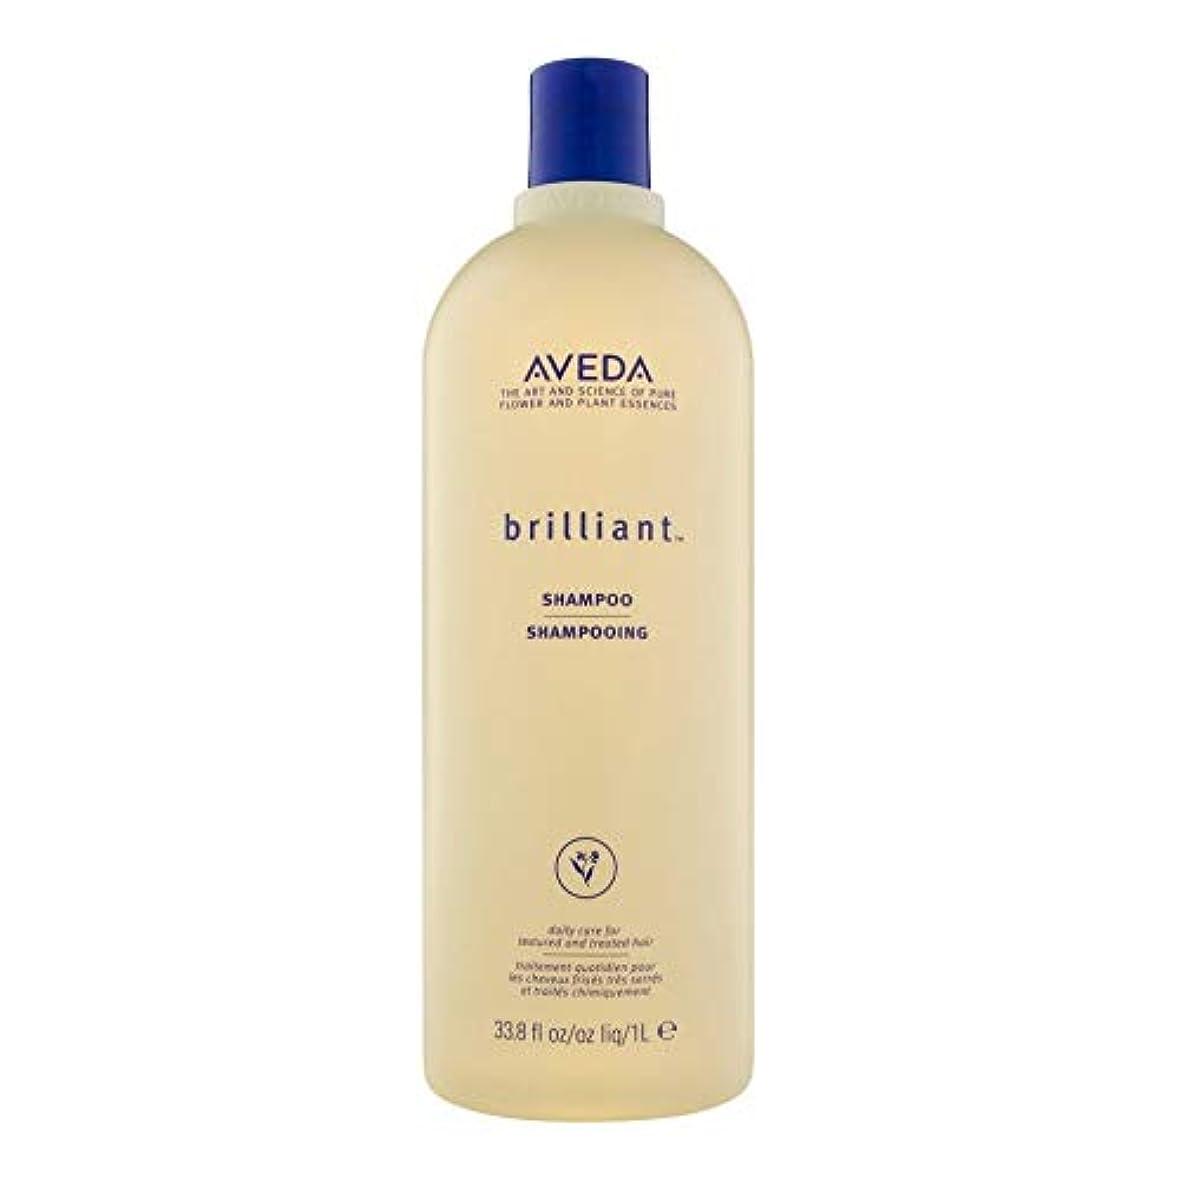 理容室クモ取り付け[AVEDA ] アヴェダ華麗なシャンプー1リットル - Aveda Brilliant Shampoo 1L [並行輸入品]